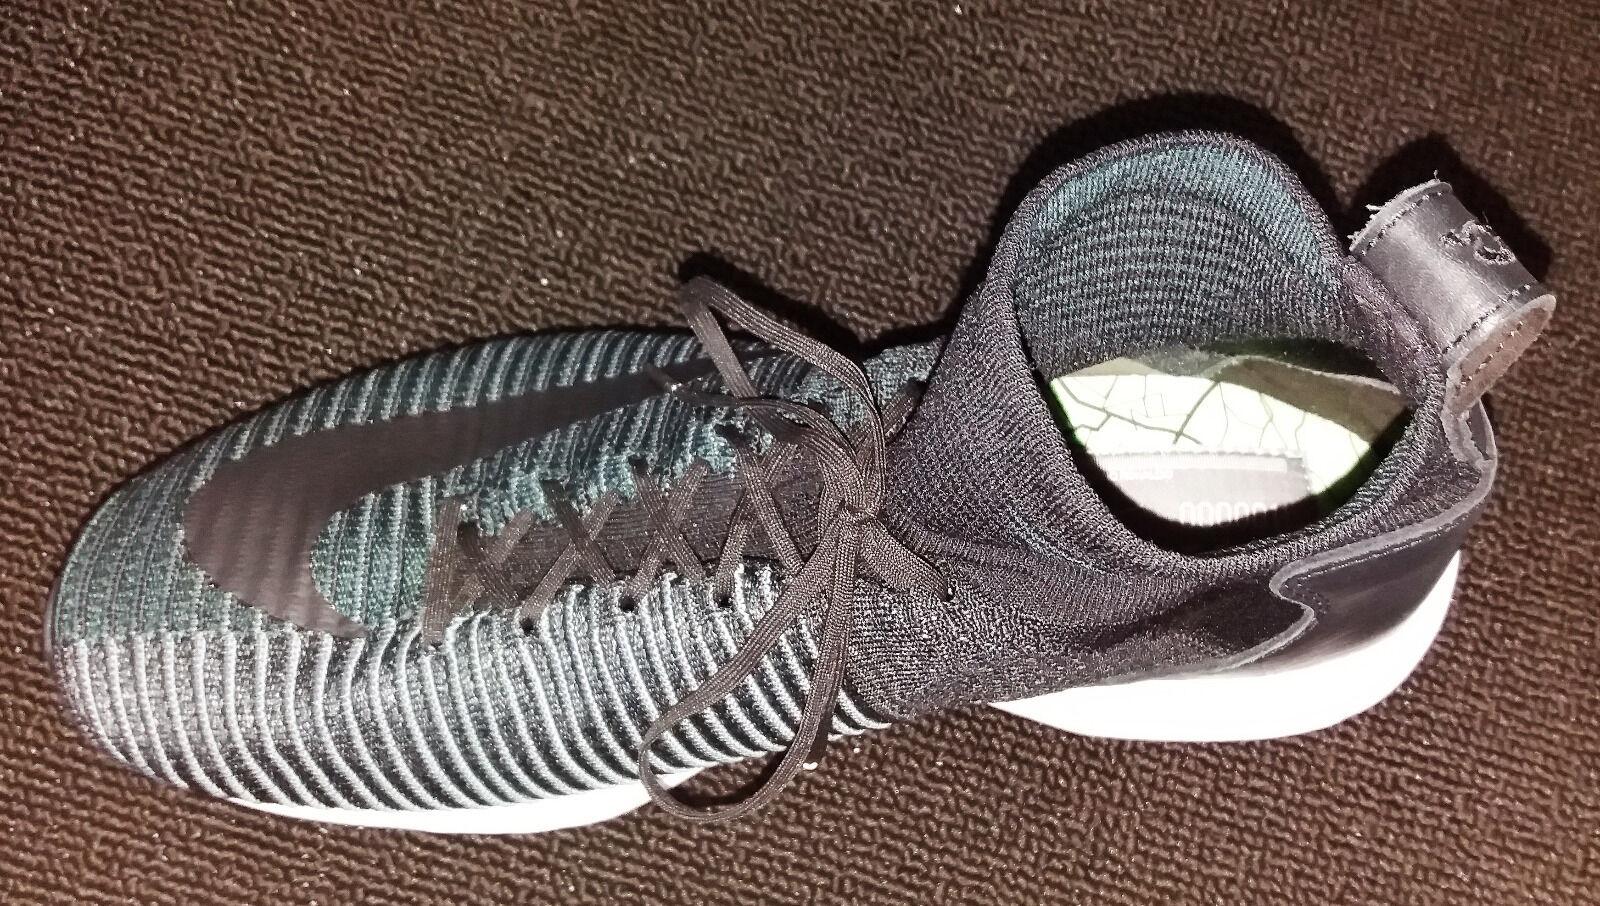 9a79a6cf71a87a ... Nike Air Jordan Retro 8 C C Champagne Cigar Cigar Cigar Confetti 832821-030  Size 10 ...